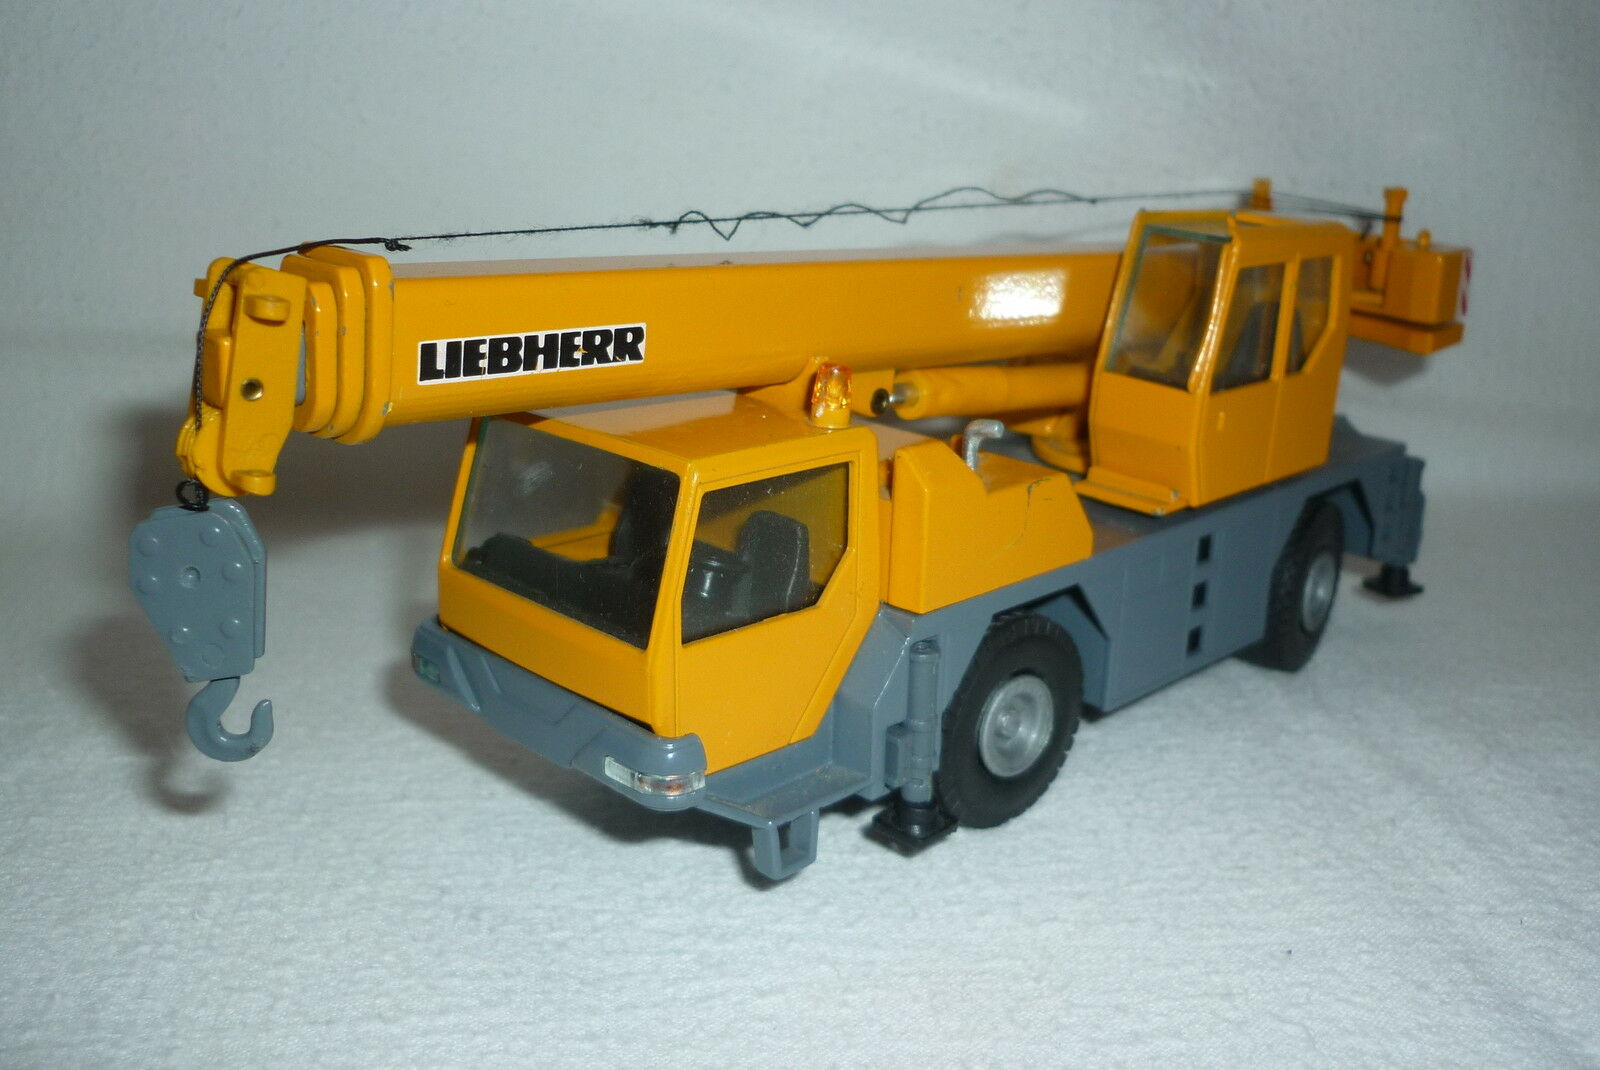 Conrad - Metal Model - Liebherr - Car Crane Ltm 1060 2 - 1 50